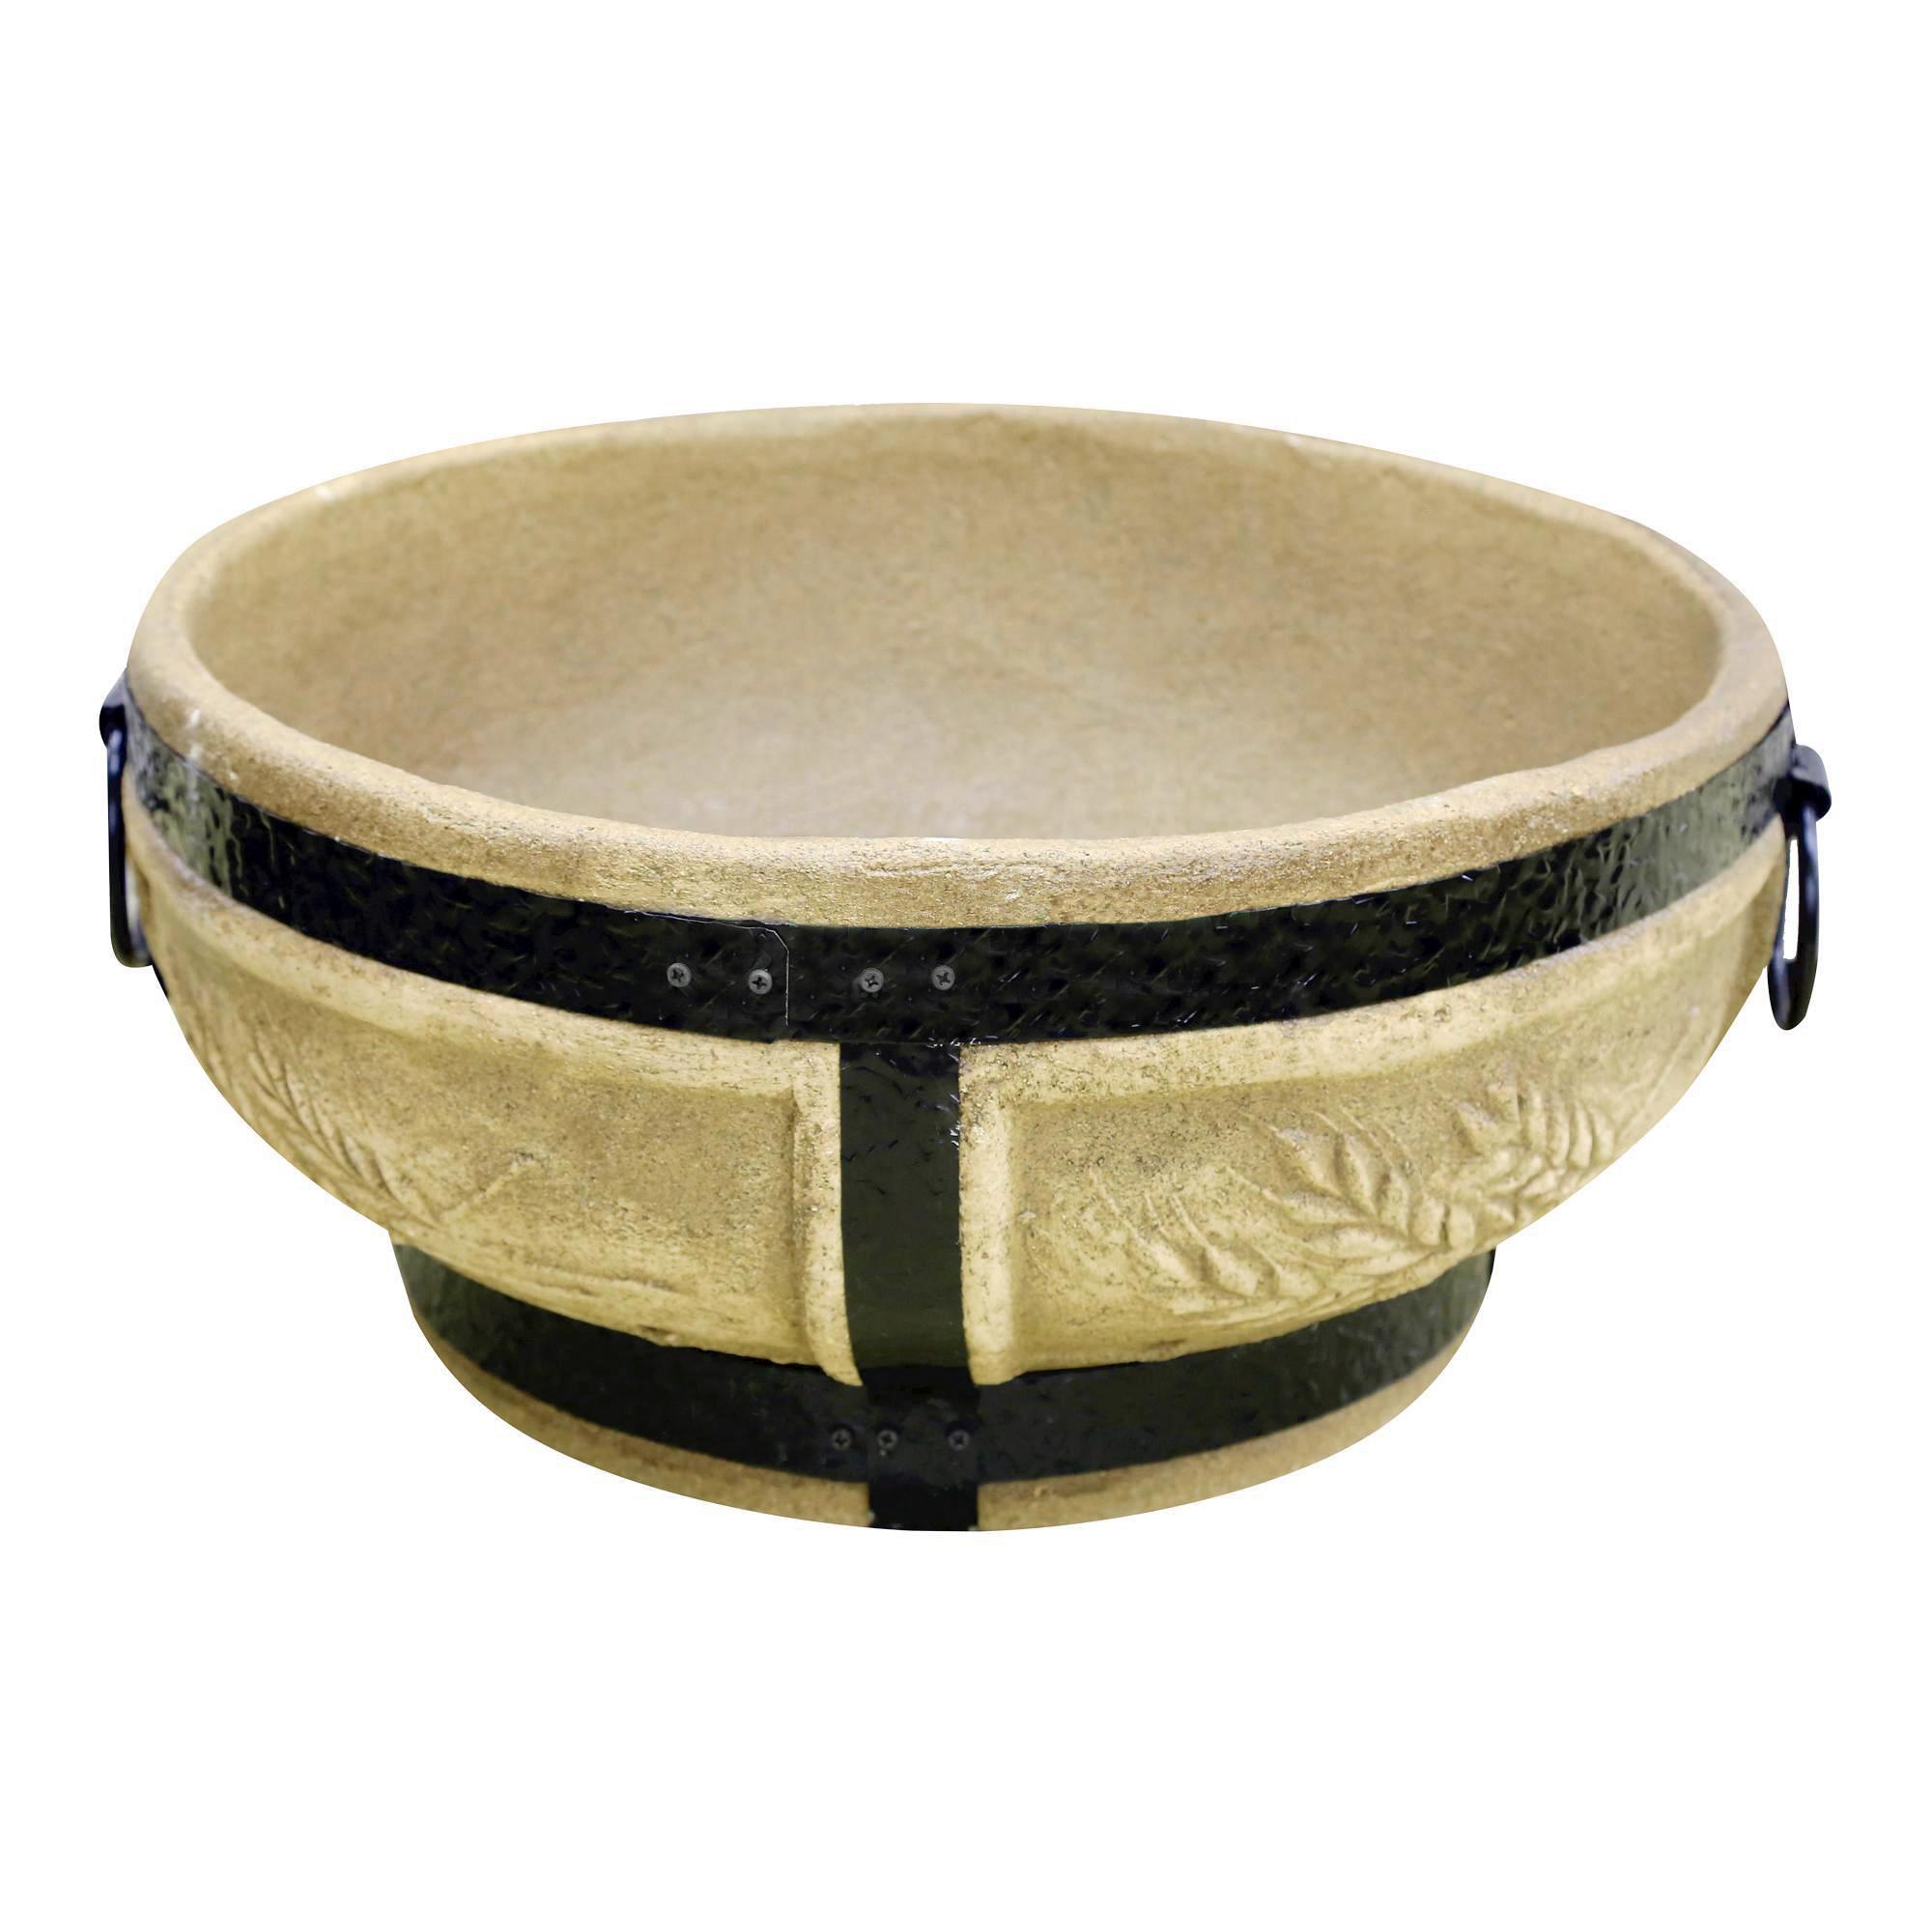 Очаг Tandur керамический 55 см очаг tandur подсолнух 67 см